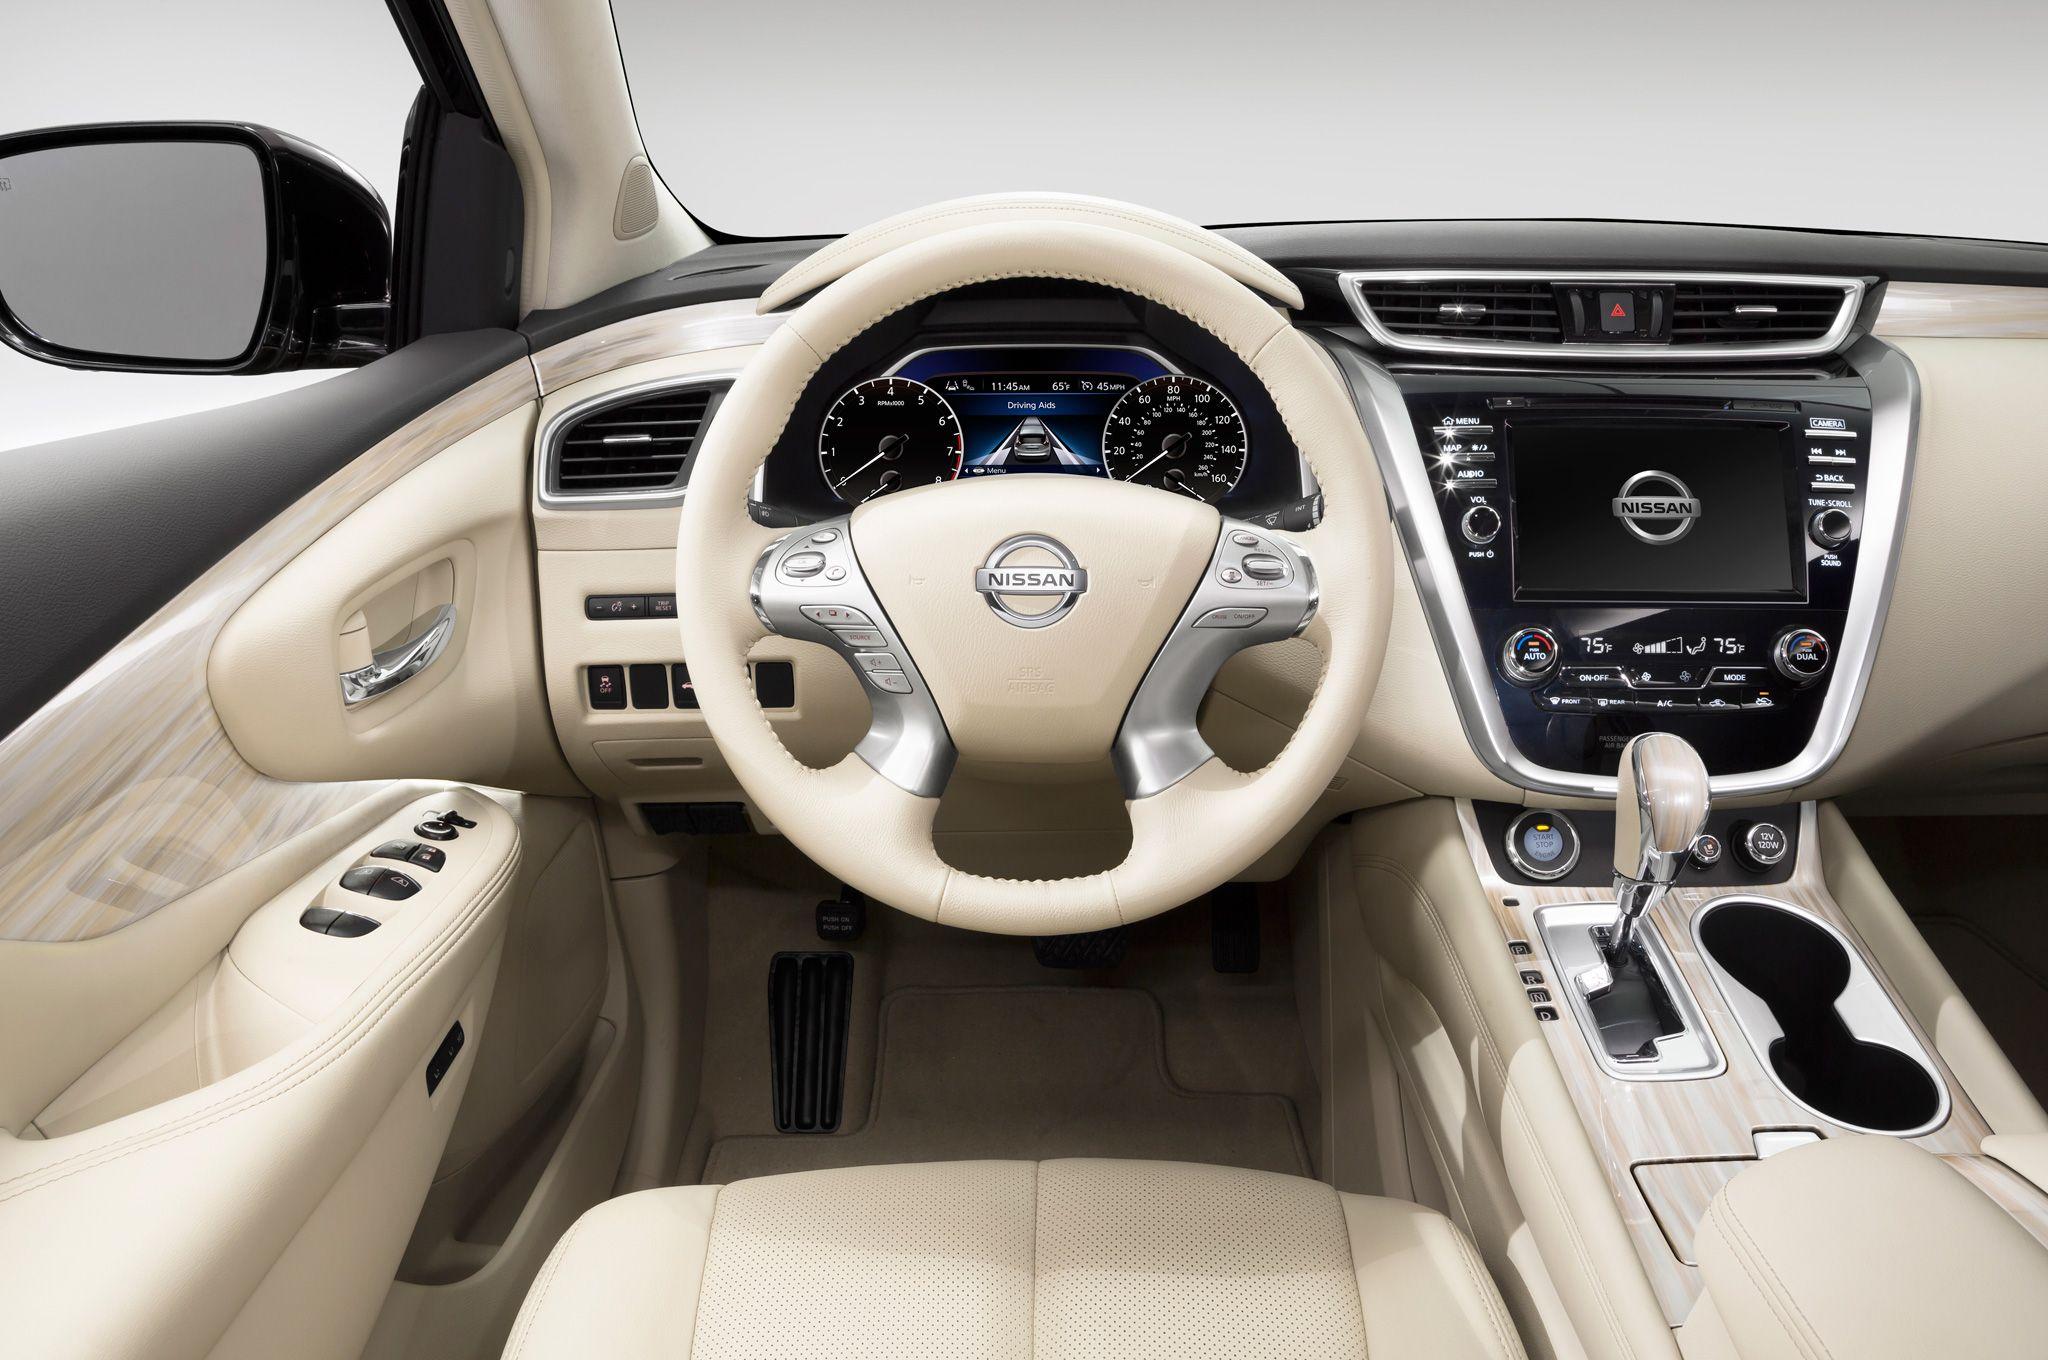 أسعار و مواصفات نيسان مورانو 2015 في دول الخليج Nissan